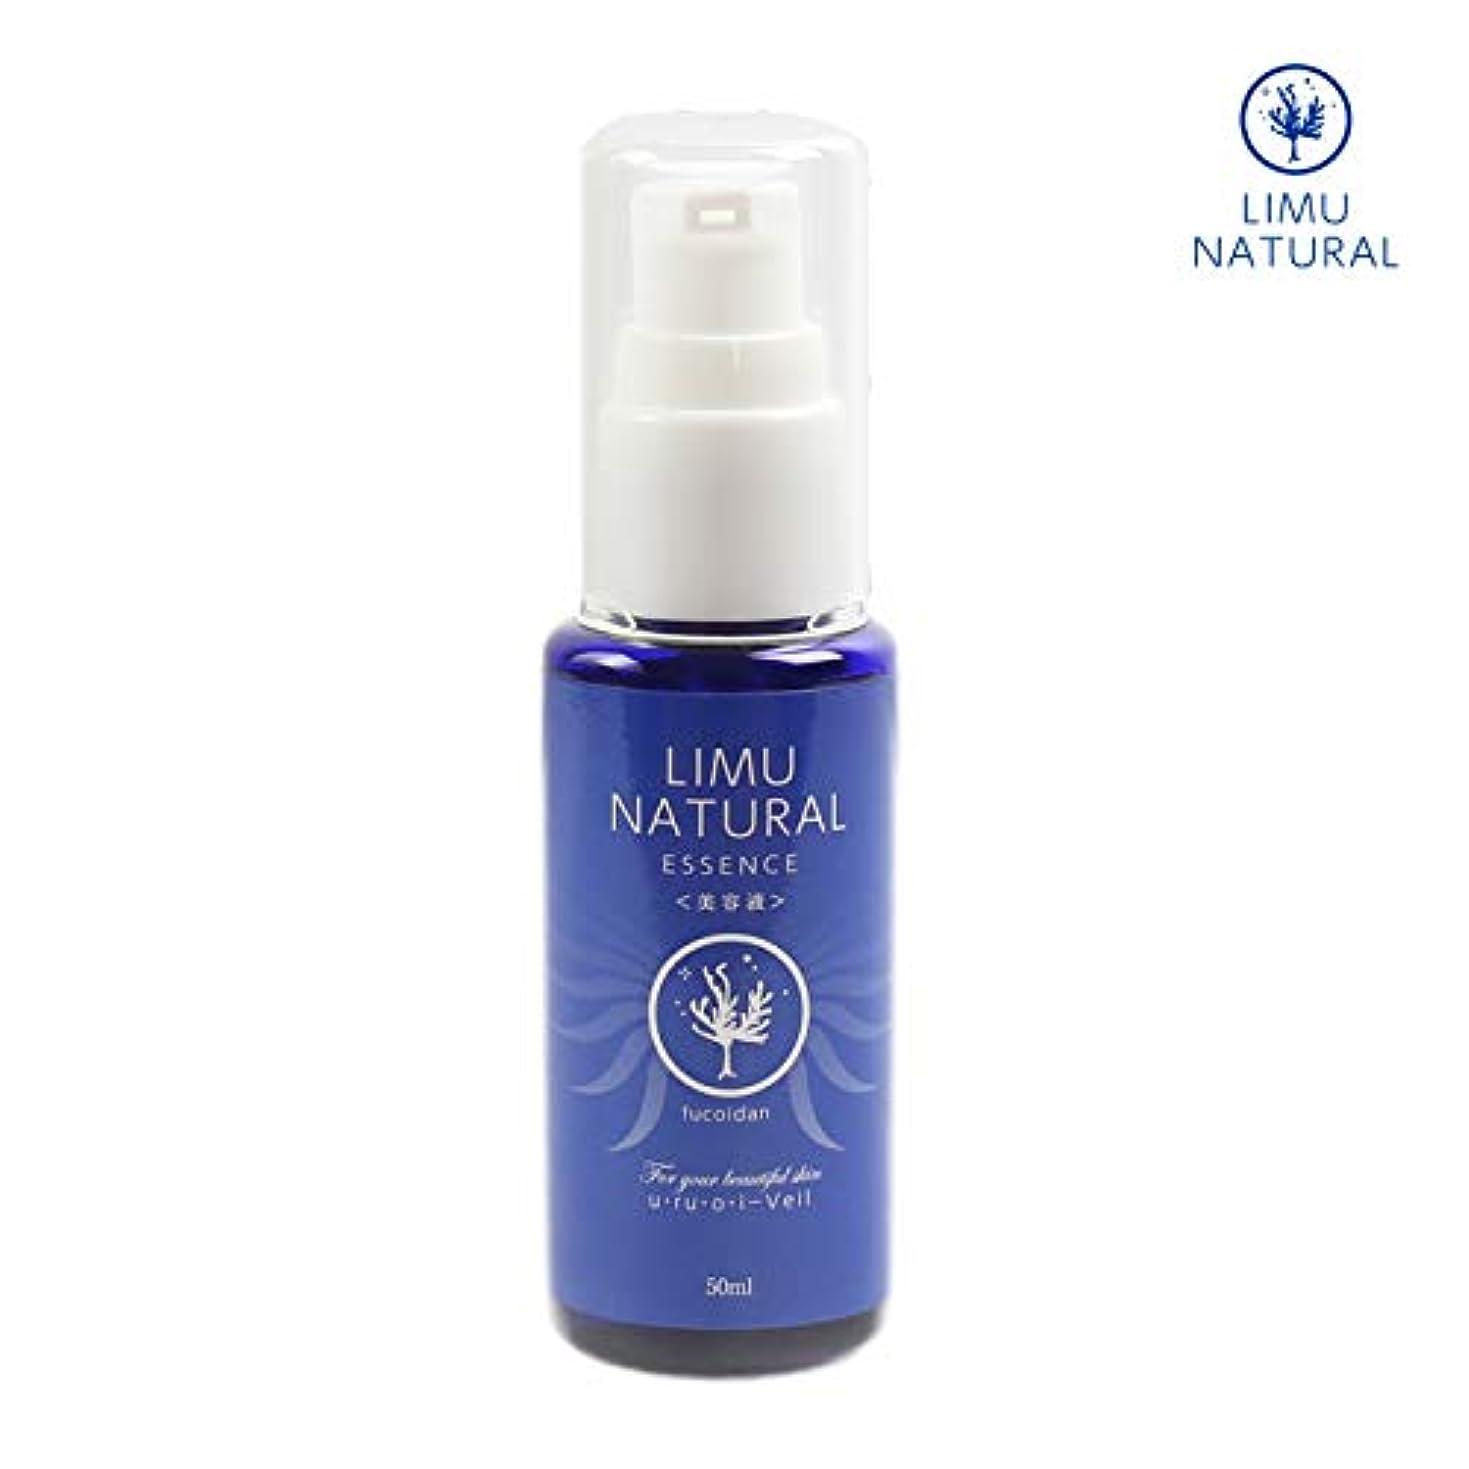 秘書ライラック入場リムナチュラル 高濃度美容液 LIMU NATURAL ESSENCE (50ml) 「美白&保湿」「フコイダン」+「グリセリルグルコシド」を贅沢に配合